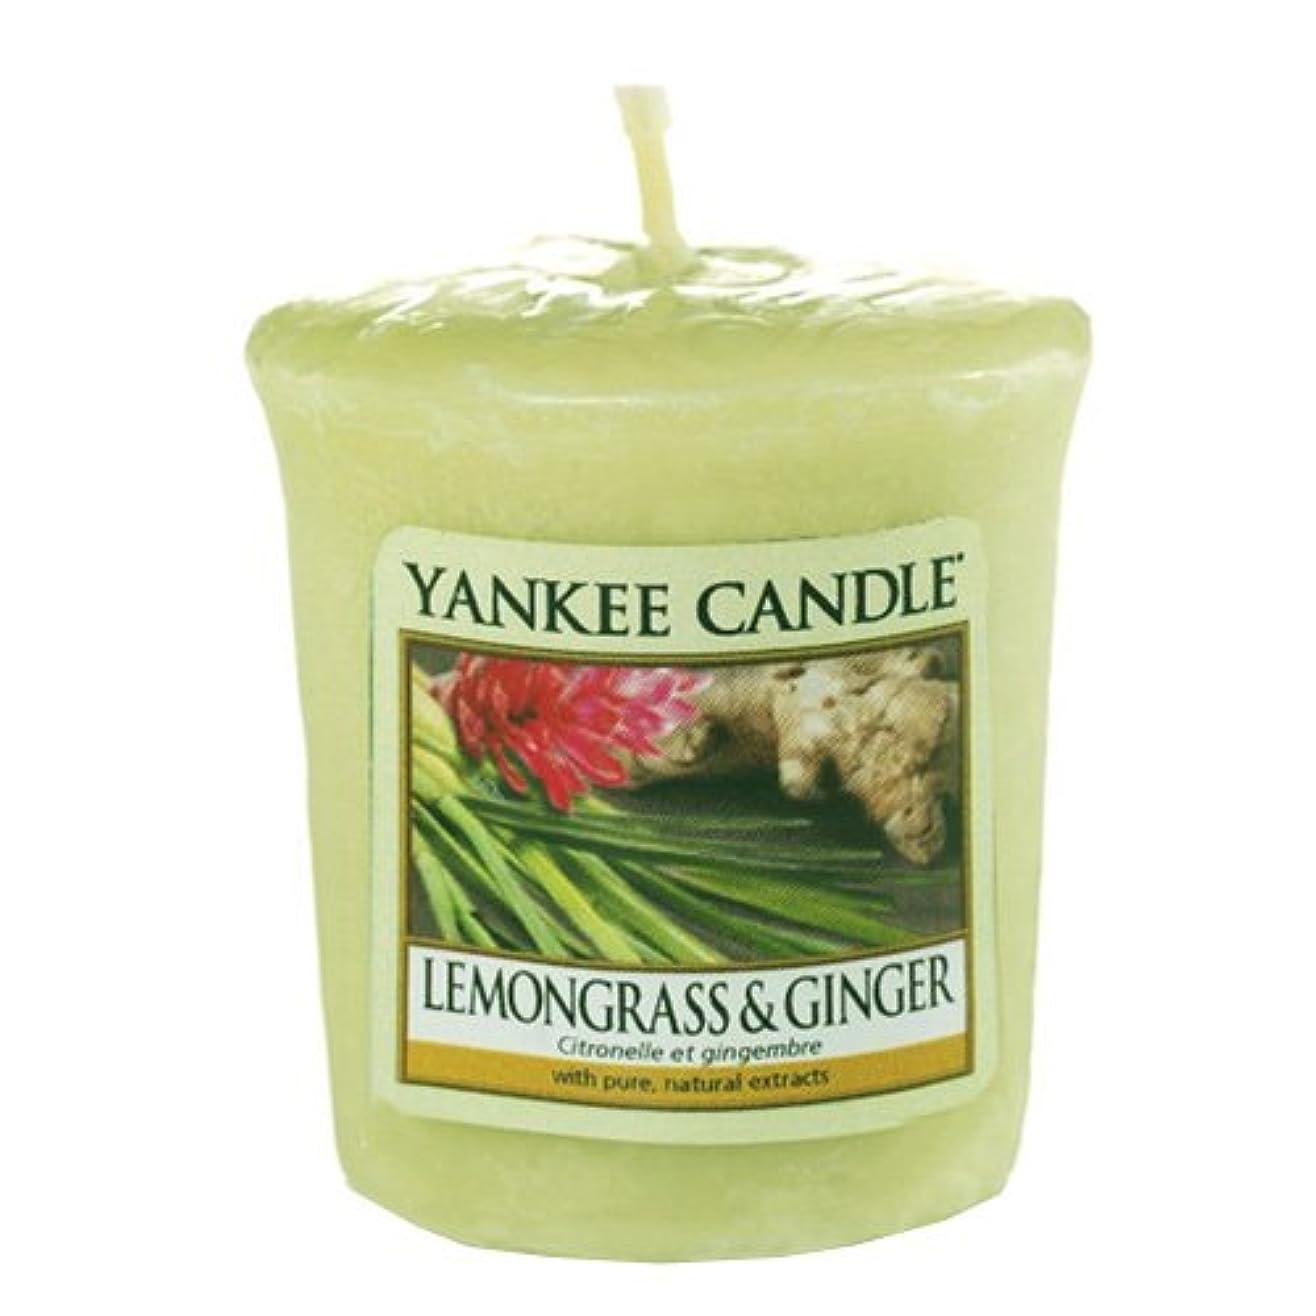 称賛子犬思想Yankee Candle 5038580070309 灯明 レモングラス&ジンジャー YVLG ワンサイズ